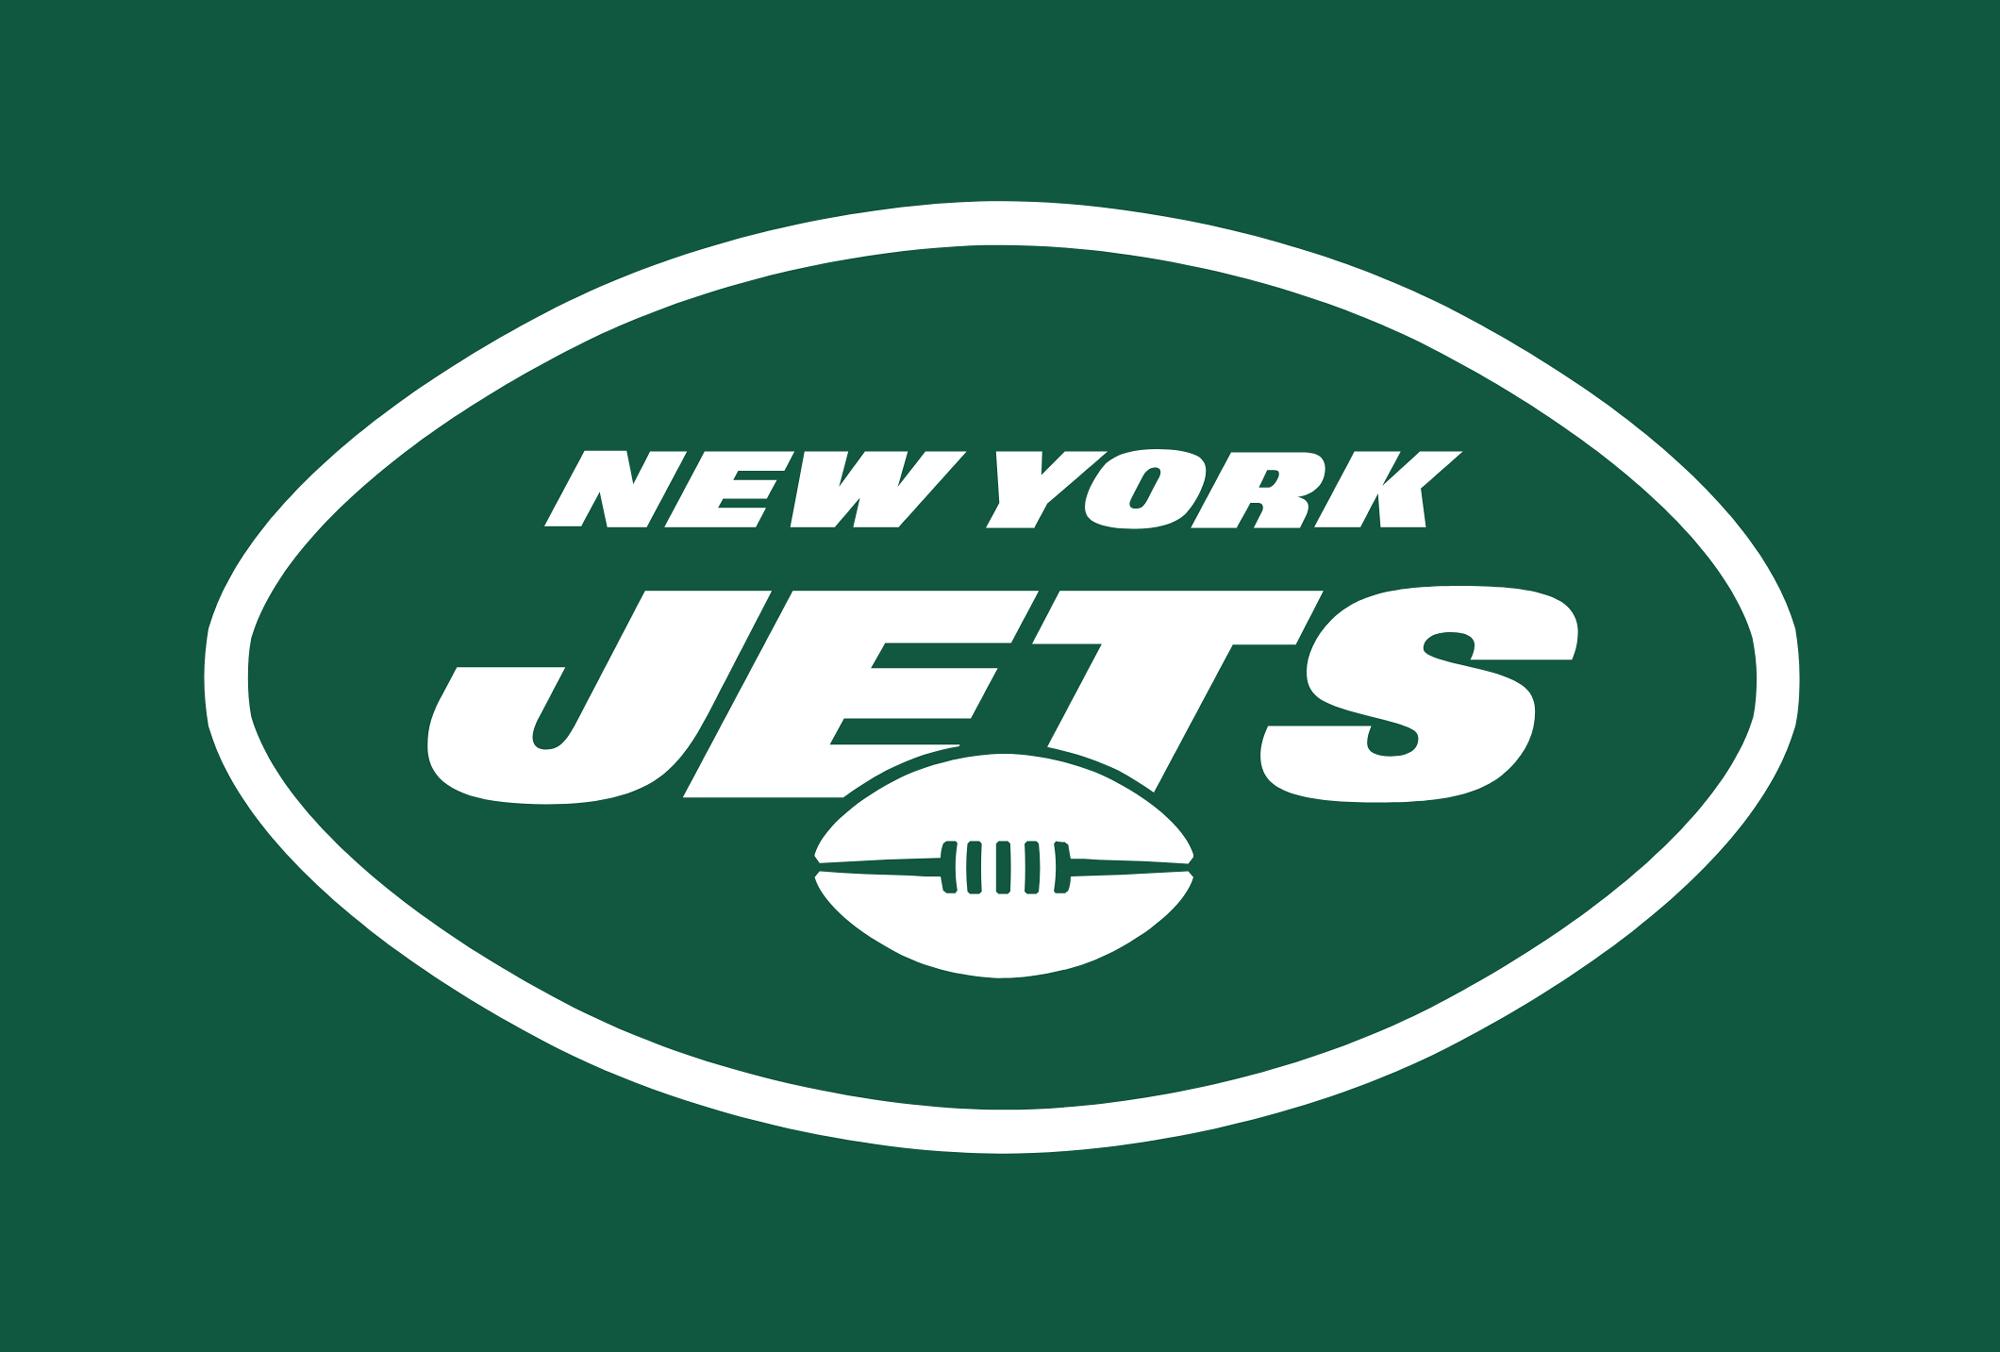 【チーム紹介】ニューヨーク・ジェッツ New York Jets